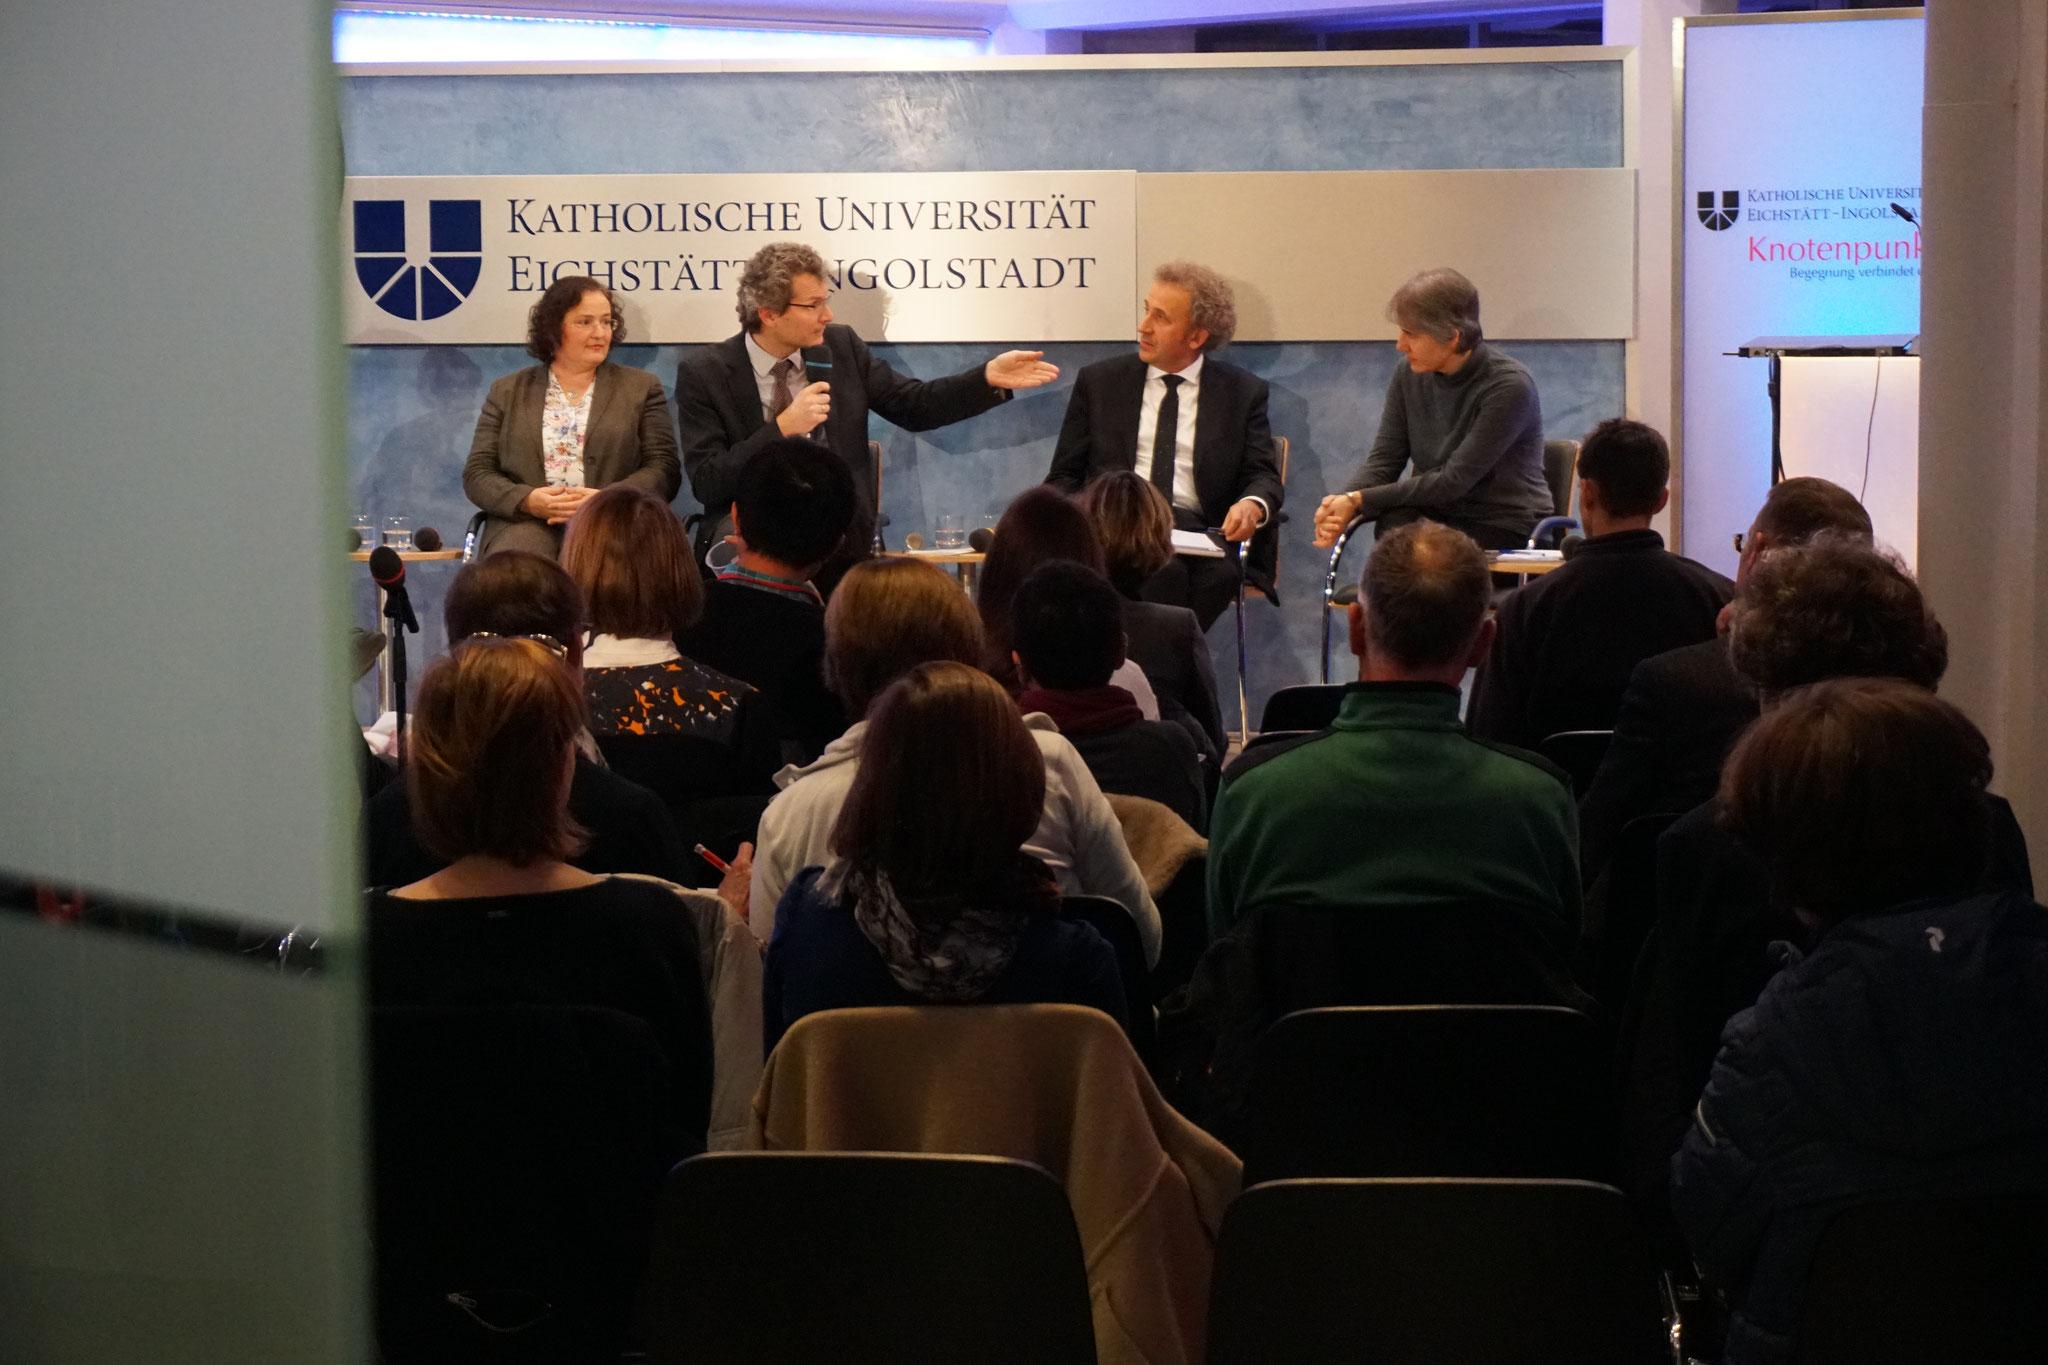 Theologisches Forum mit Dr. Beate Beckmann-Zöller, Prof. Dr. Martin Kirschner, Prof. DDr. Janusz Surzykiewicz, Dr. Dr. Teresa Forcades i Vila